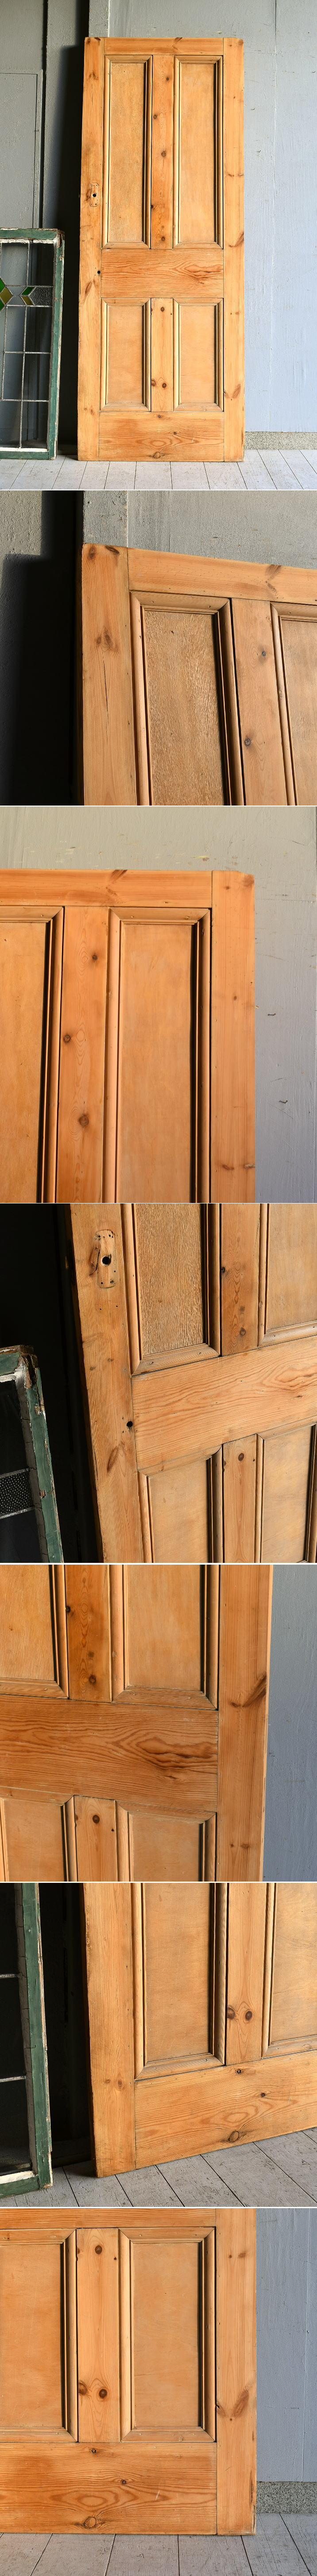 イギリス アンティーク オールドパイン ドア 扉 建具 7679